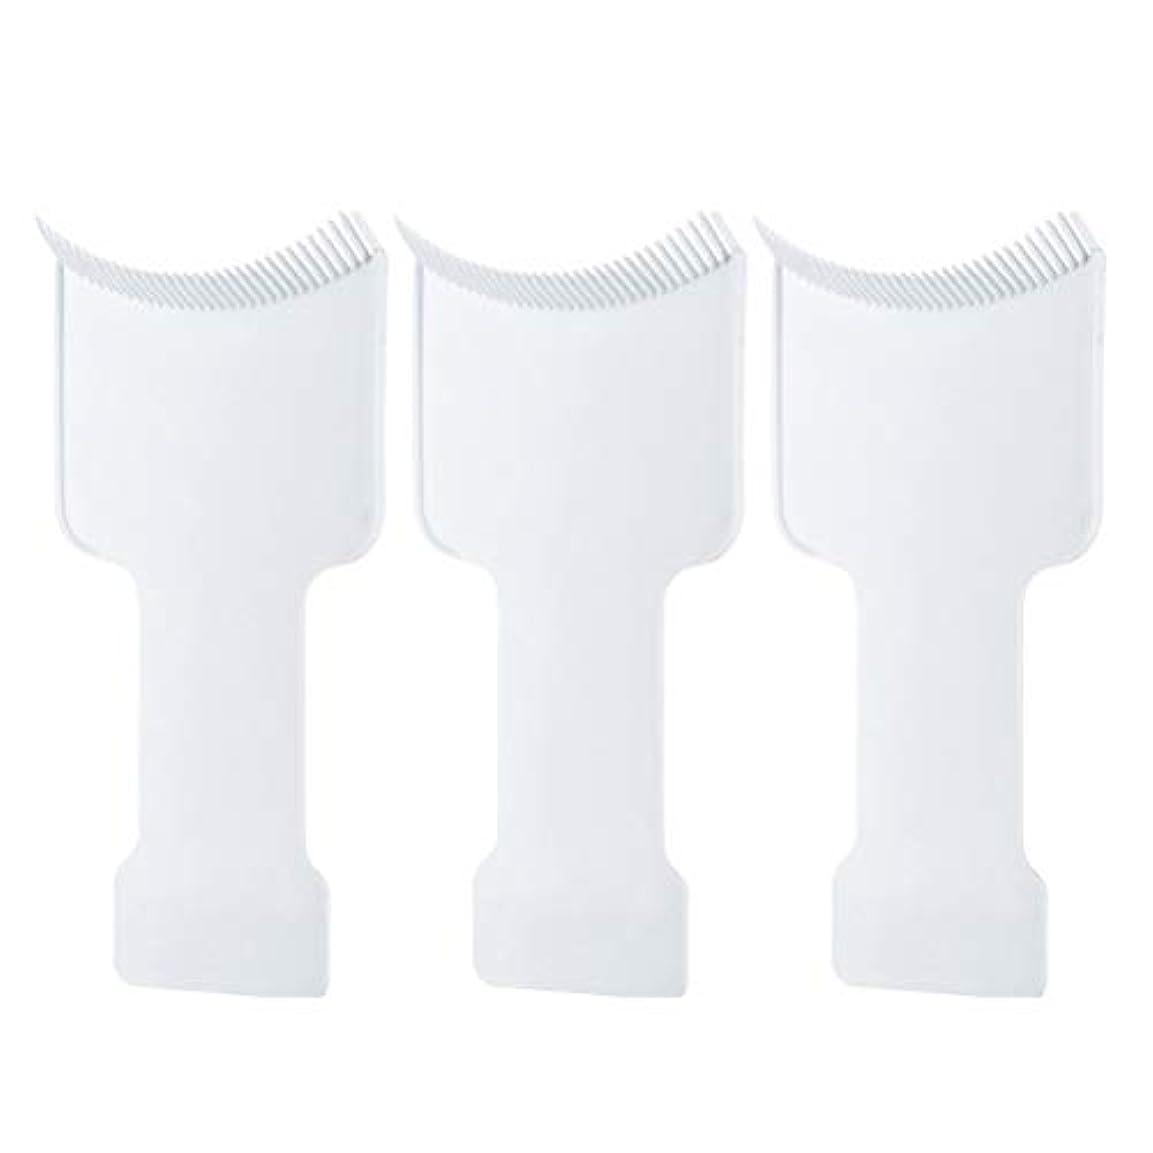 孤独なチャネル木曜日Frcolor ヘアダイブラシ ヘアダイコーム ヘアカラー 毛染め ヘアスタイリング 家庭用 美容師プロ用 プラスチック製 3点セット(ホワイト)